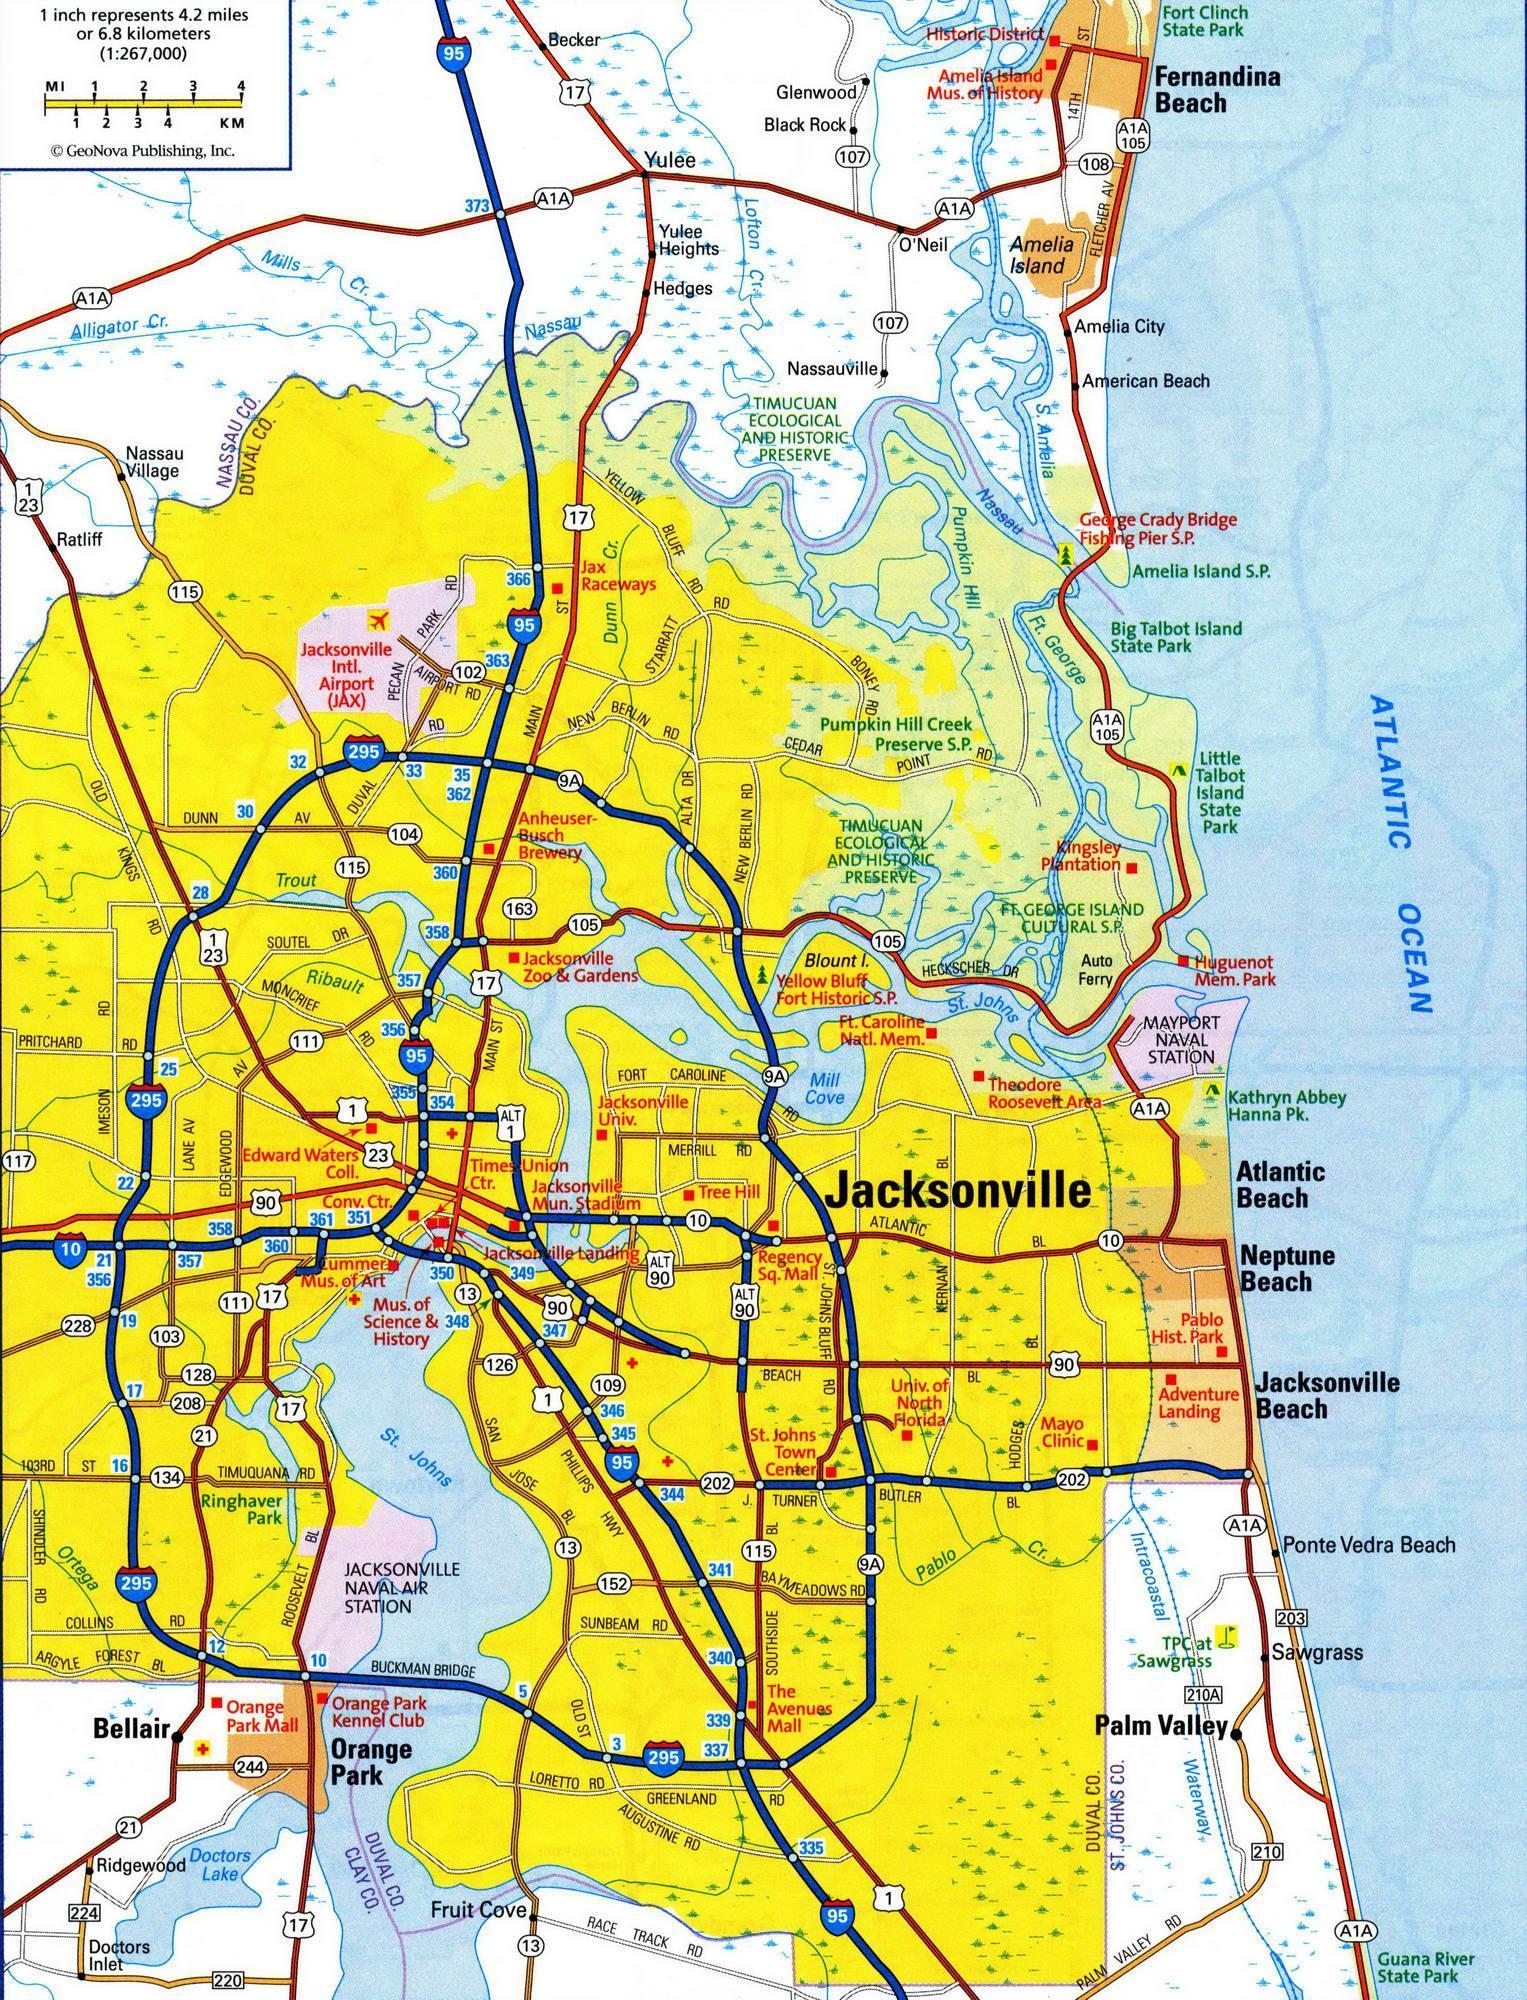 Jacksonville FL area map - Jacksonville Florida area map ...